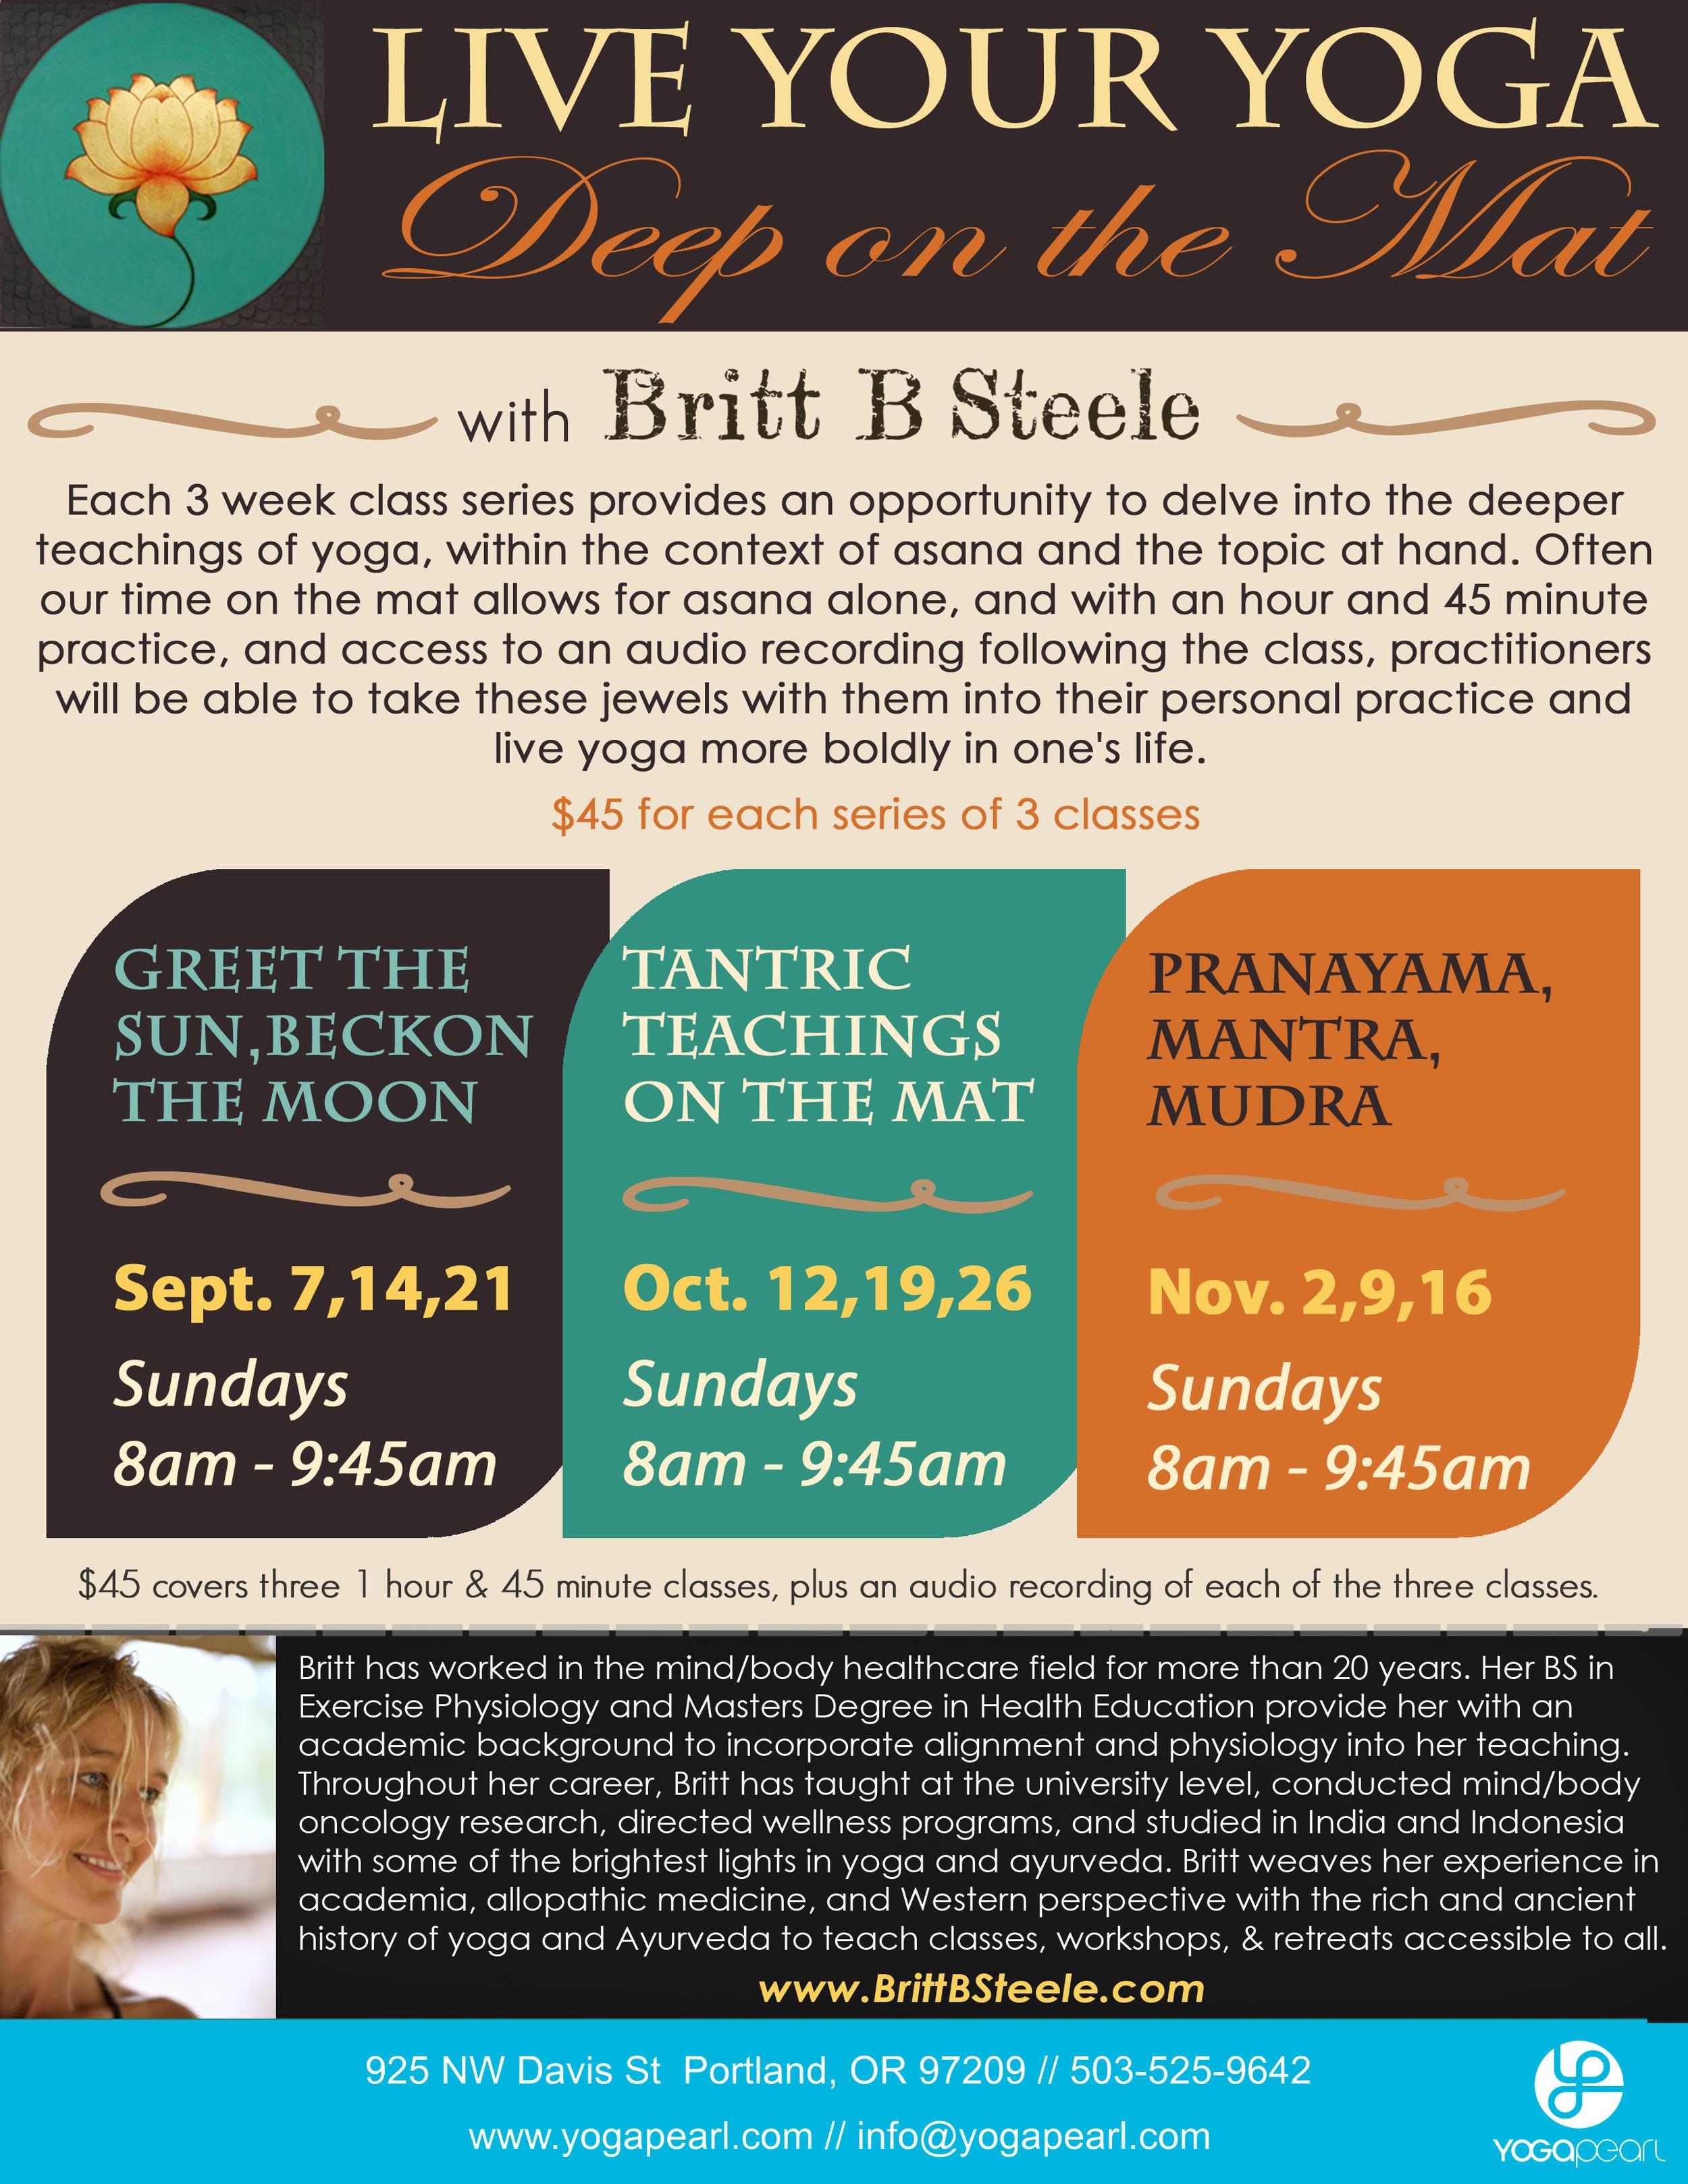 Register through Yoga Pearl. www.YogaPearl.com or 503-525-9642.